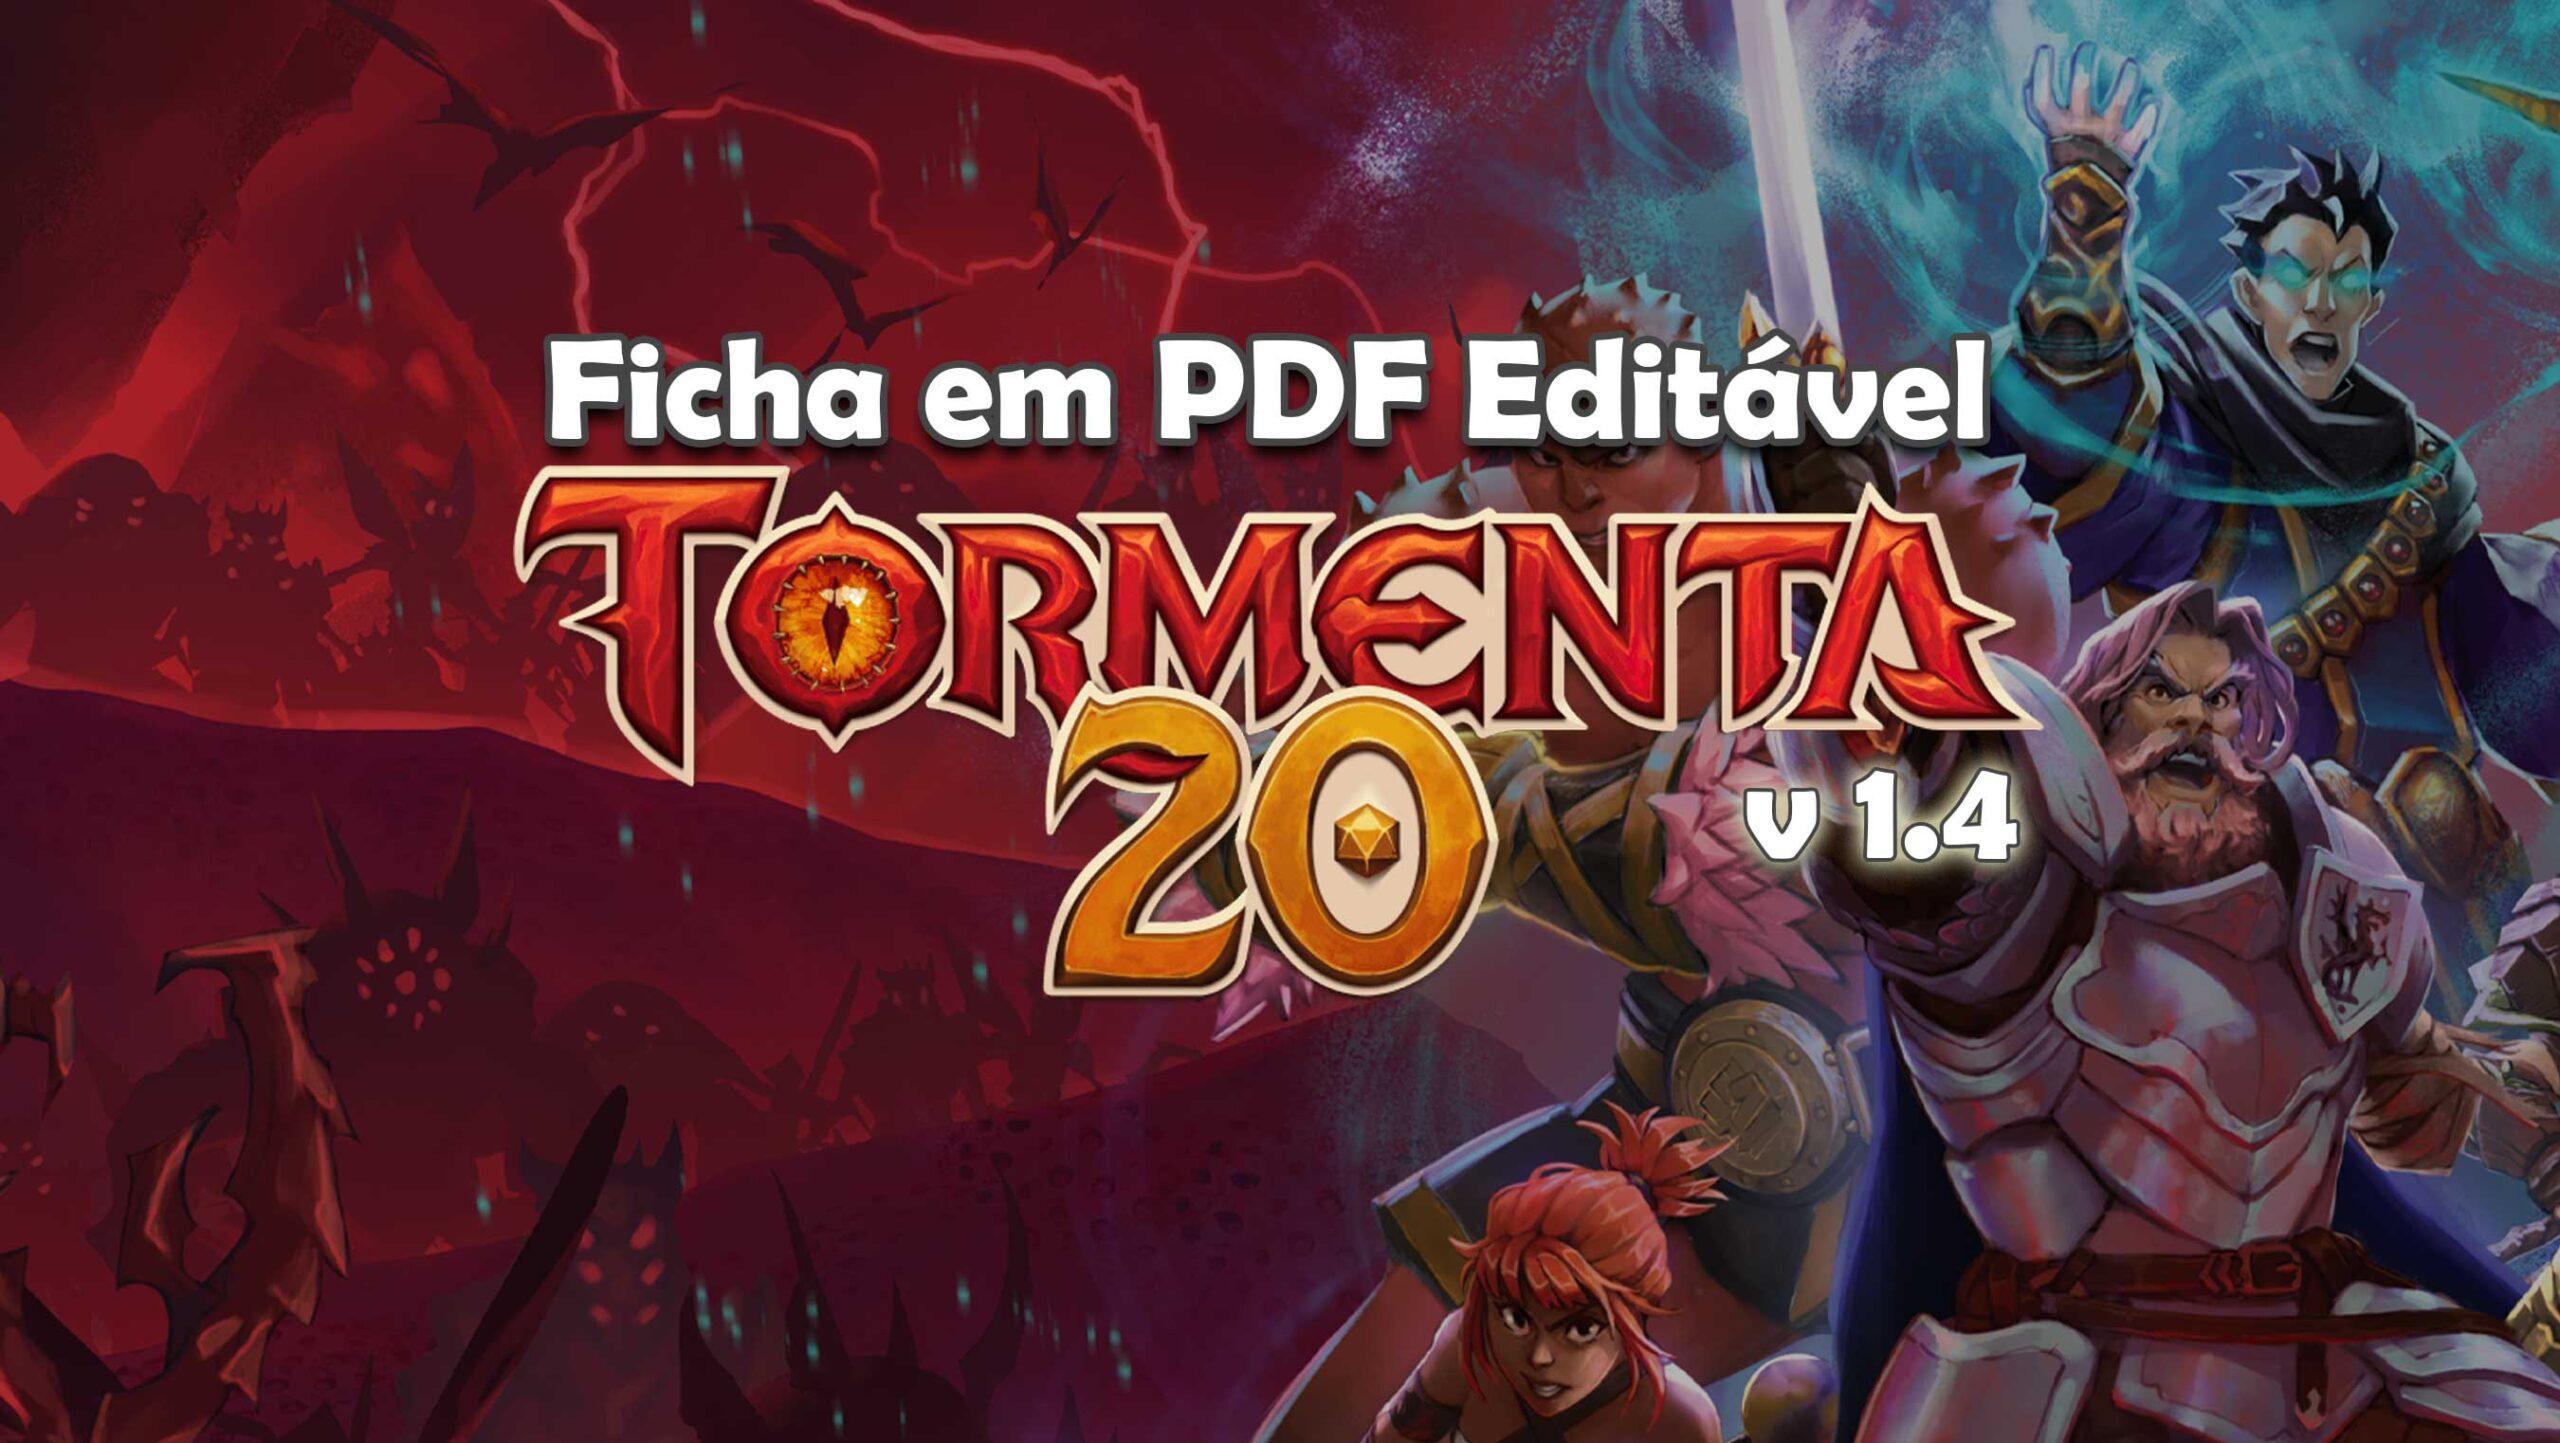 Tormenta20-FichaT20-v1.4